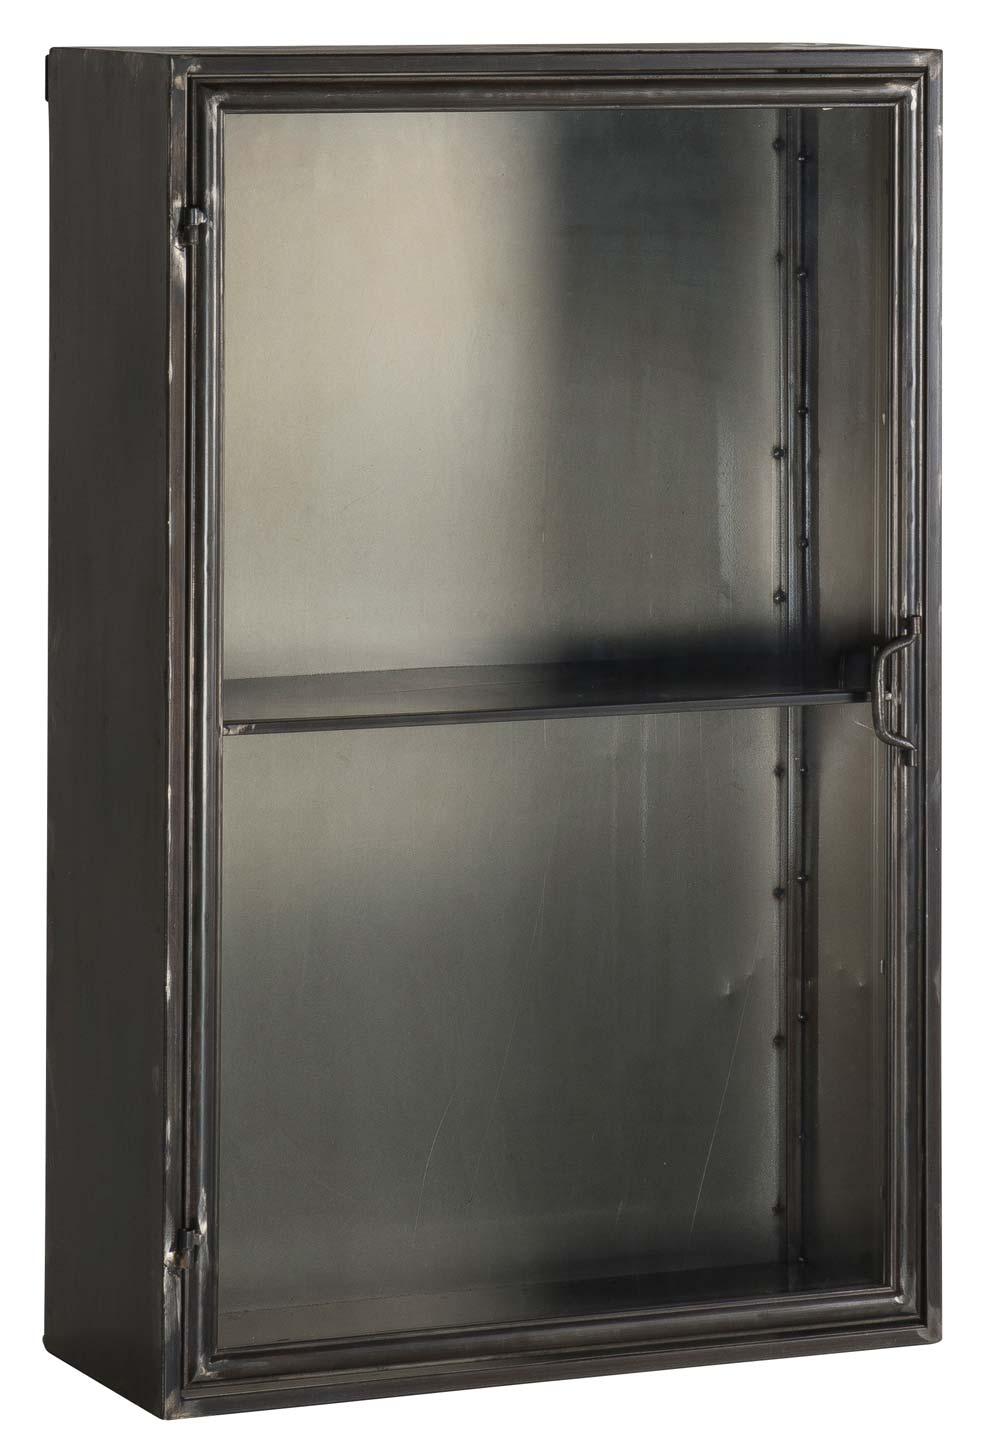 ib laursen Ib laursen brooklyn vægskab - grå glas og metal, 1 hylde, u. beslag (køb til vægtype), (90x26cm) på boboonline.dk